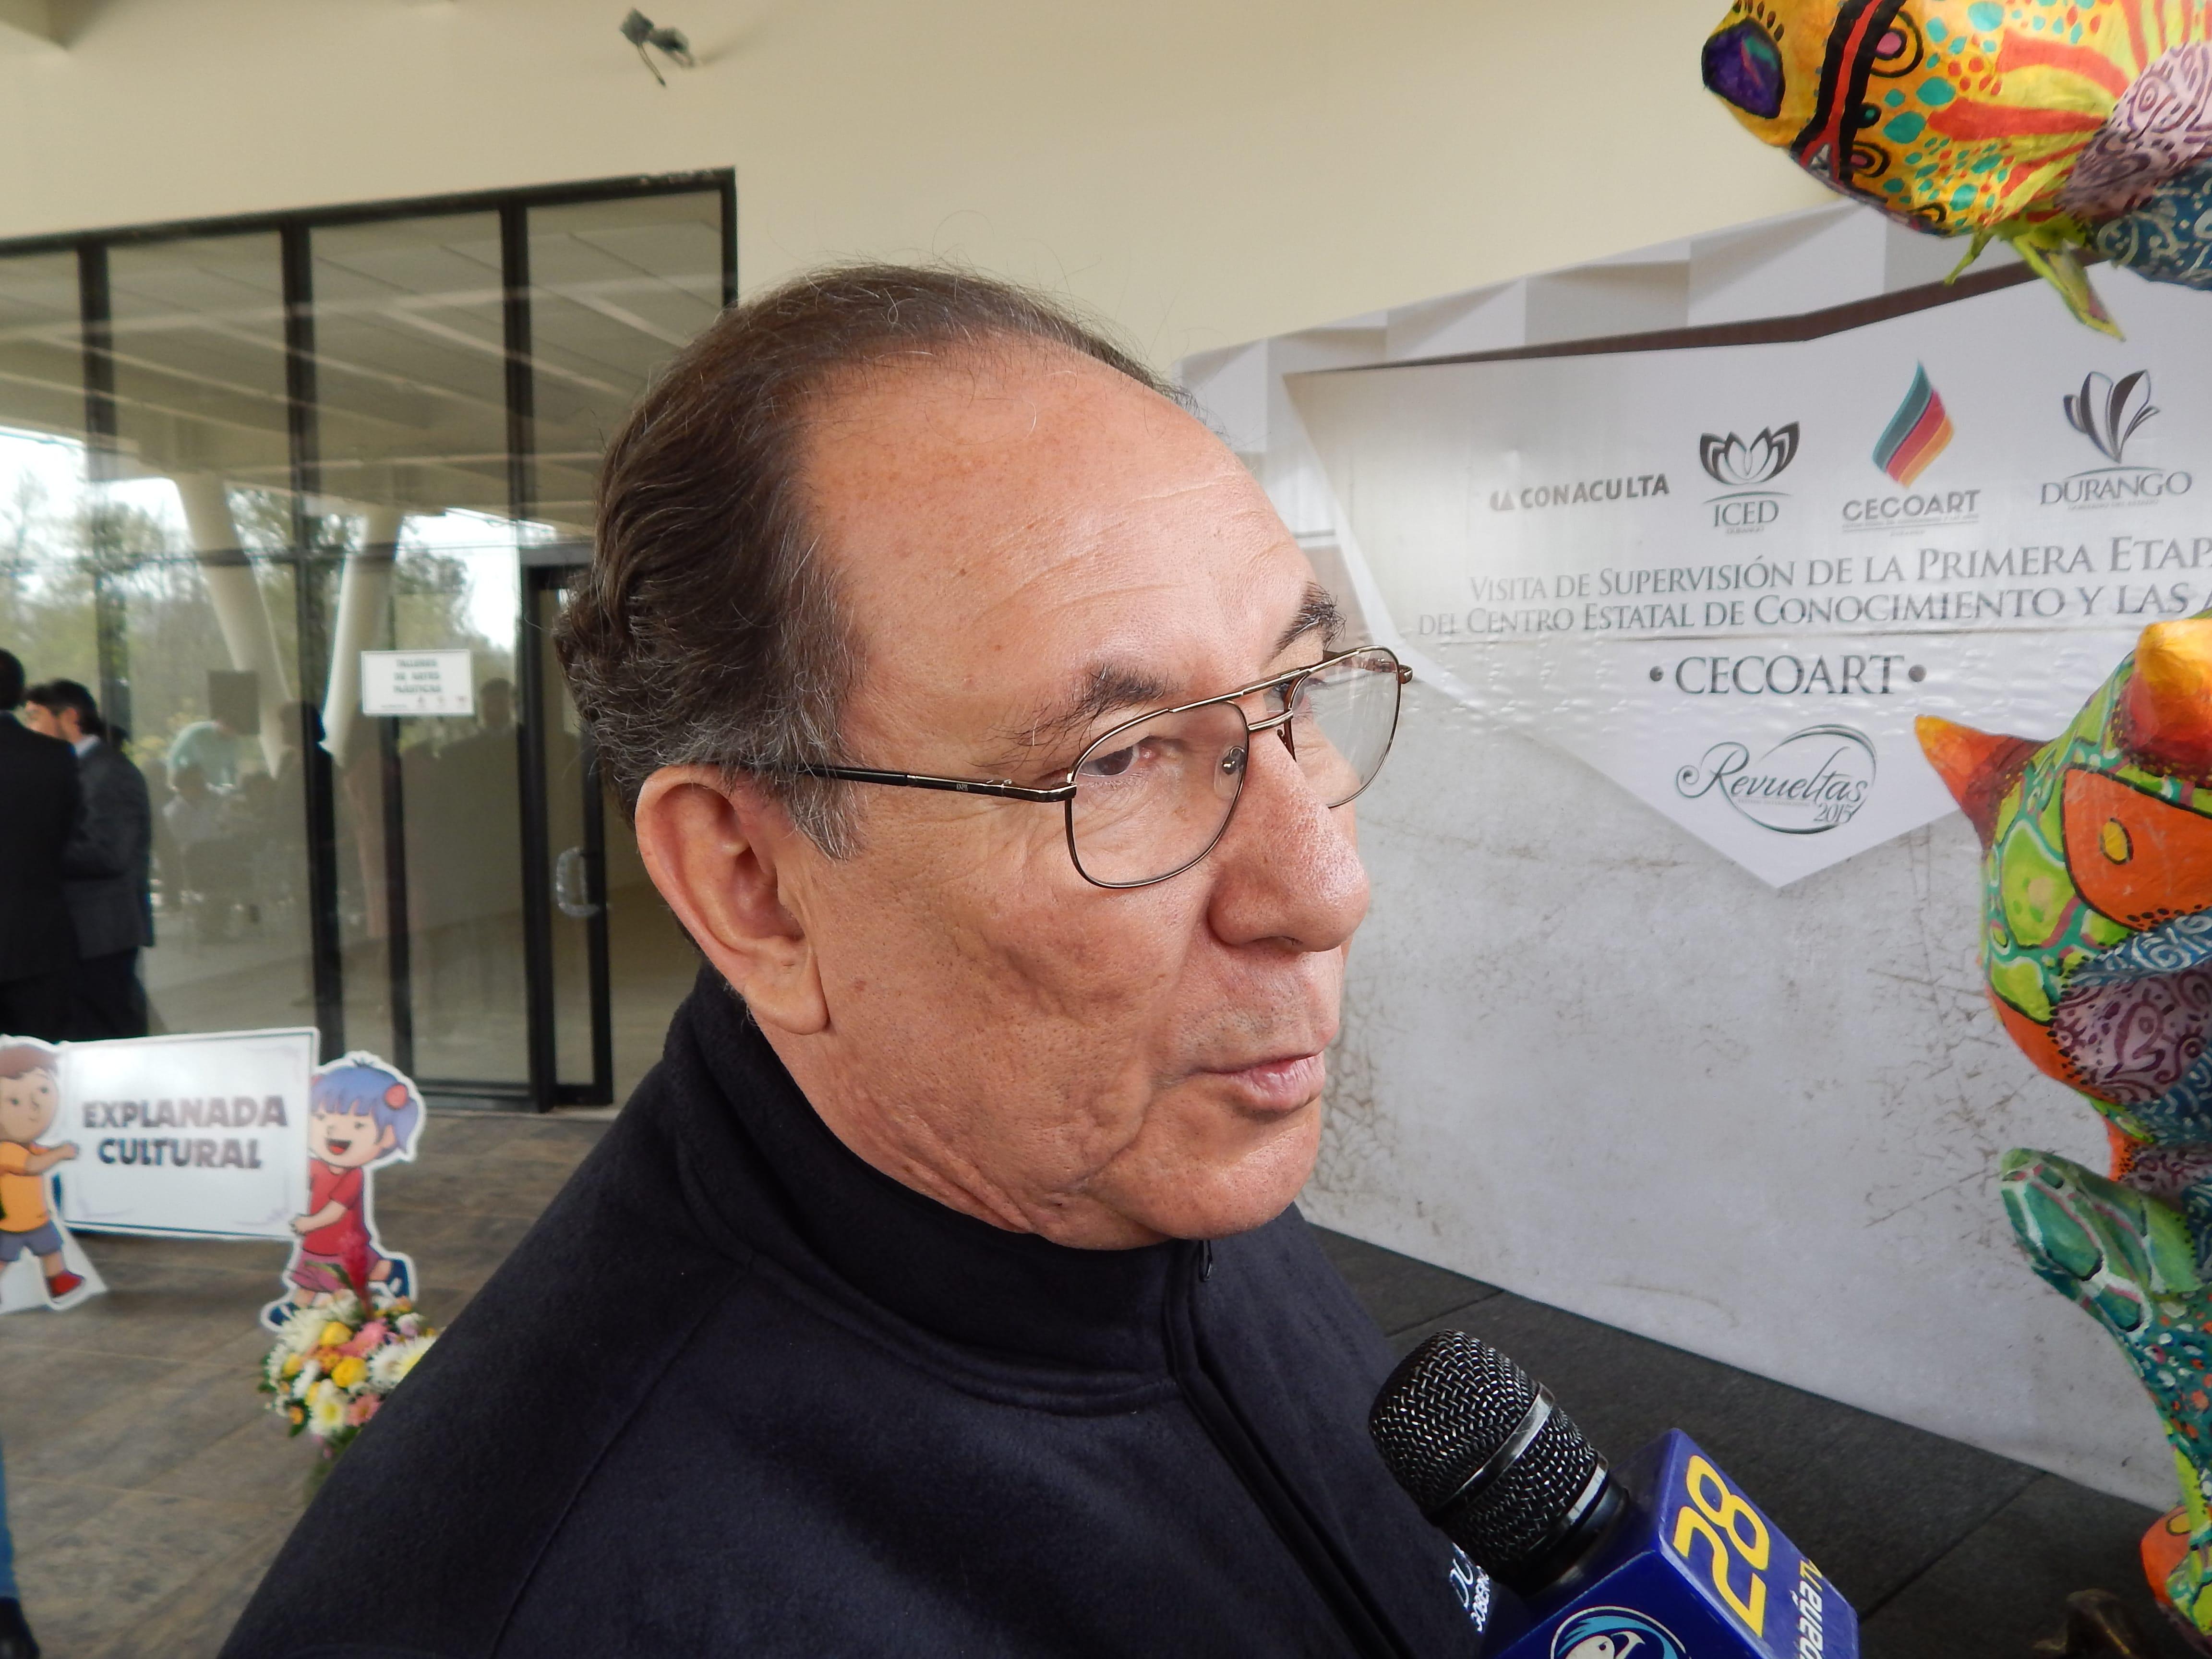 Rubén Ontiveros Rentería, director del ICED. El cargo para promocionarse como escritor.